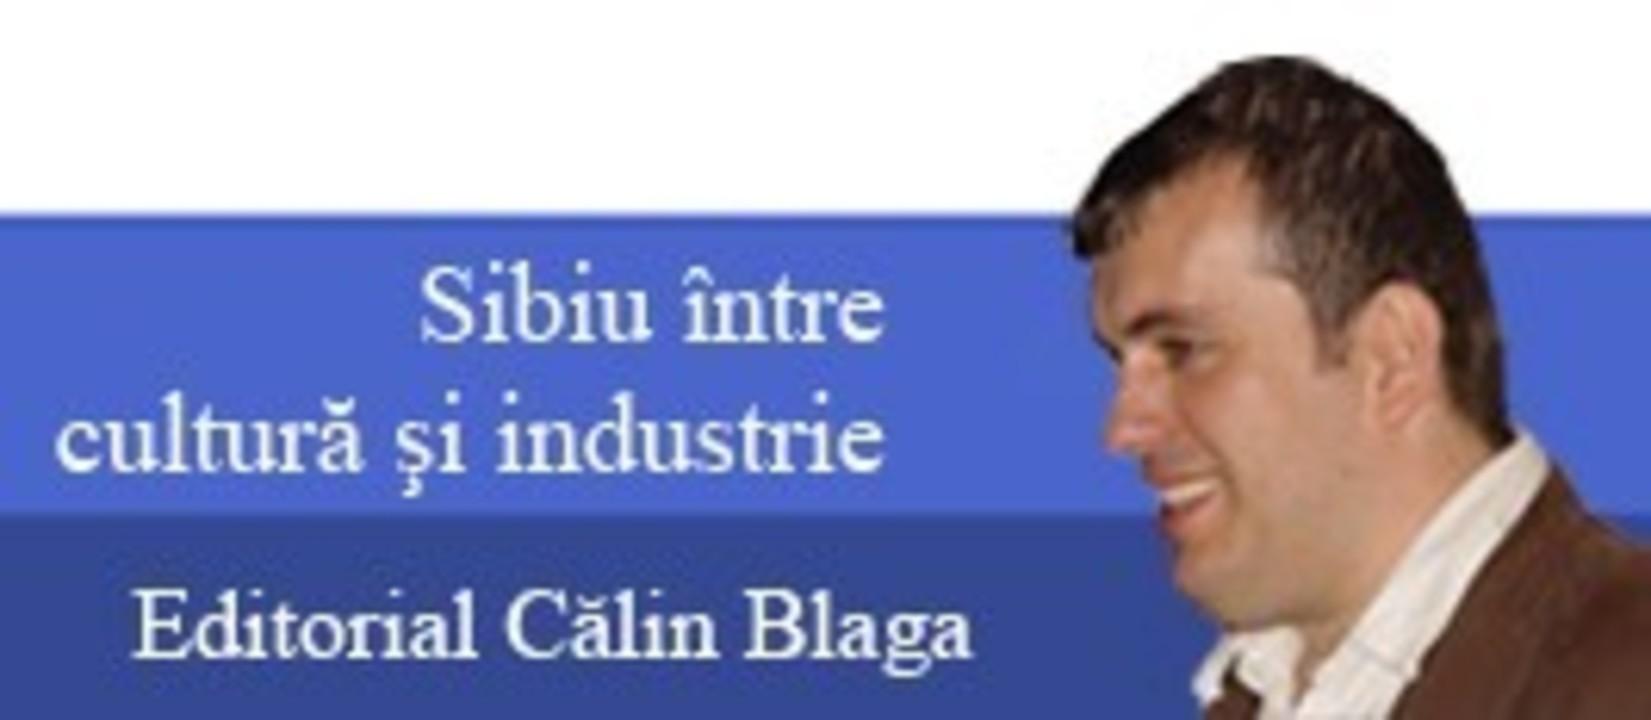 Editorial Sibiu7 - Sibiu între cultură şi industrie